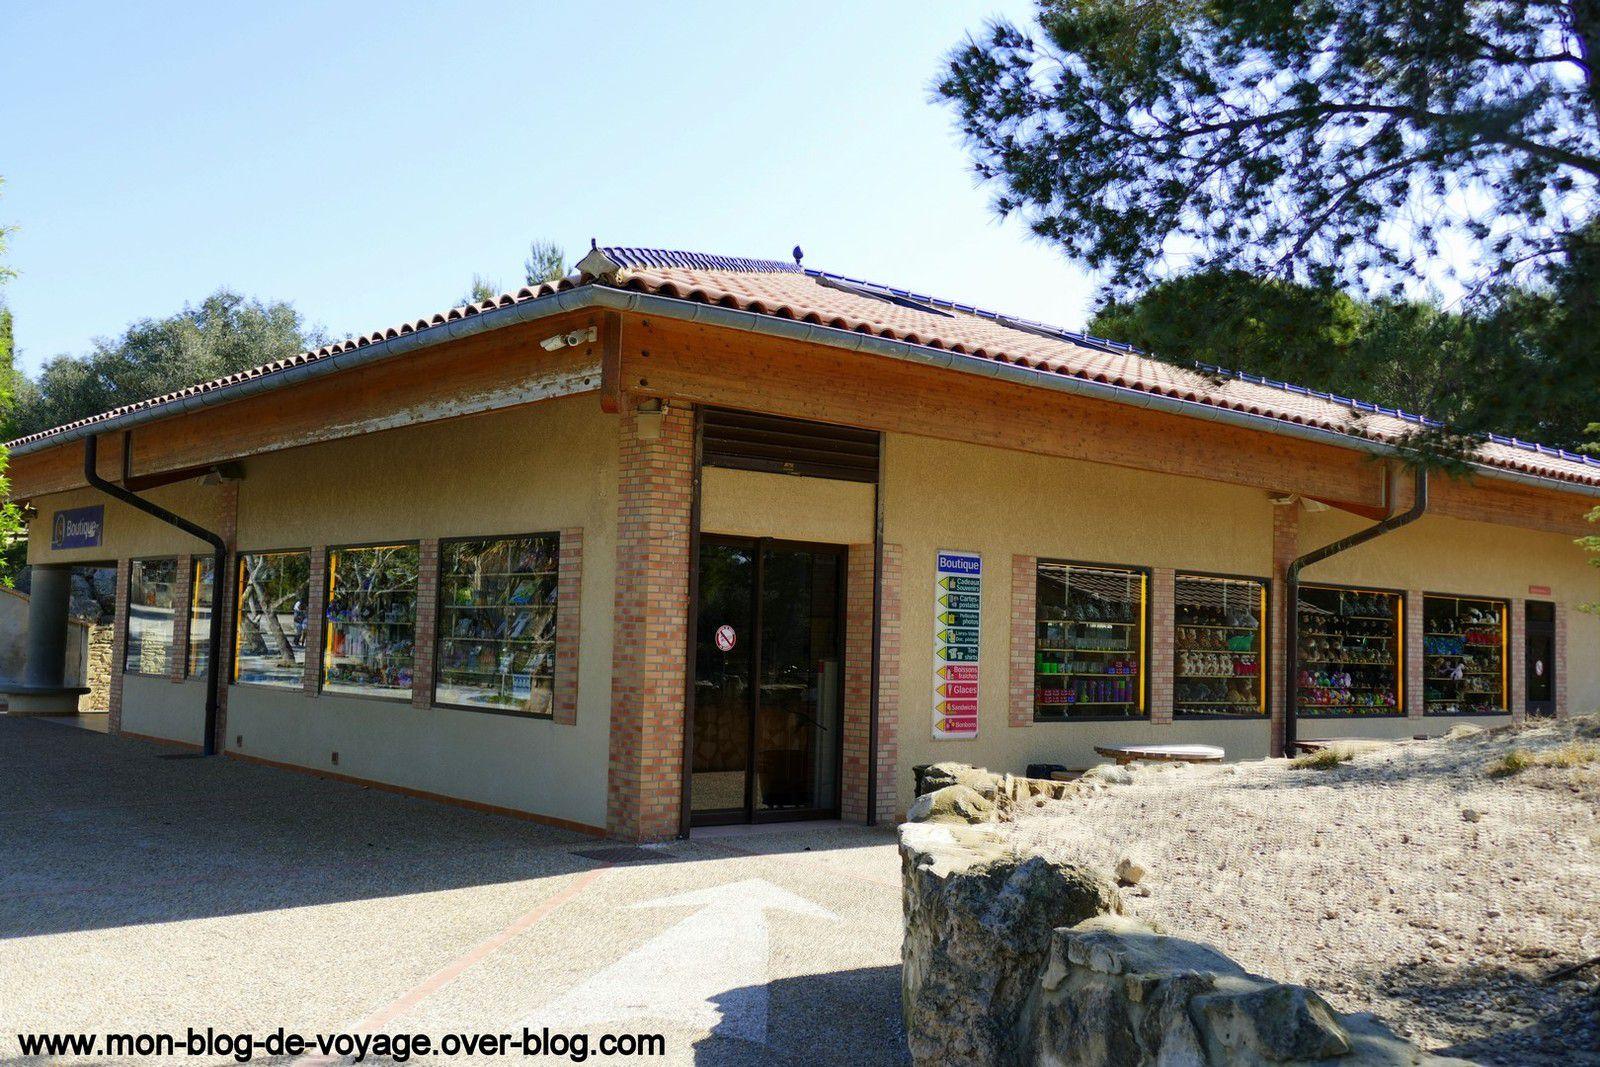 L'aire de pique nique, la vaste boutique et le snack de la réserve situés à l'entrée du parcours à pied (mars 2019, images personnelles)